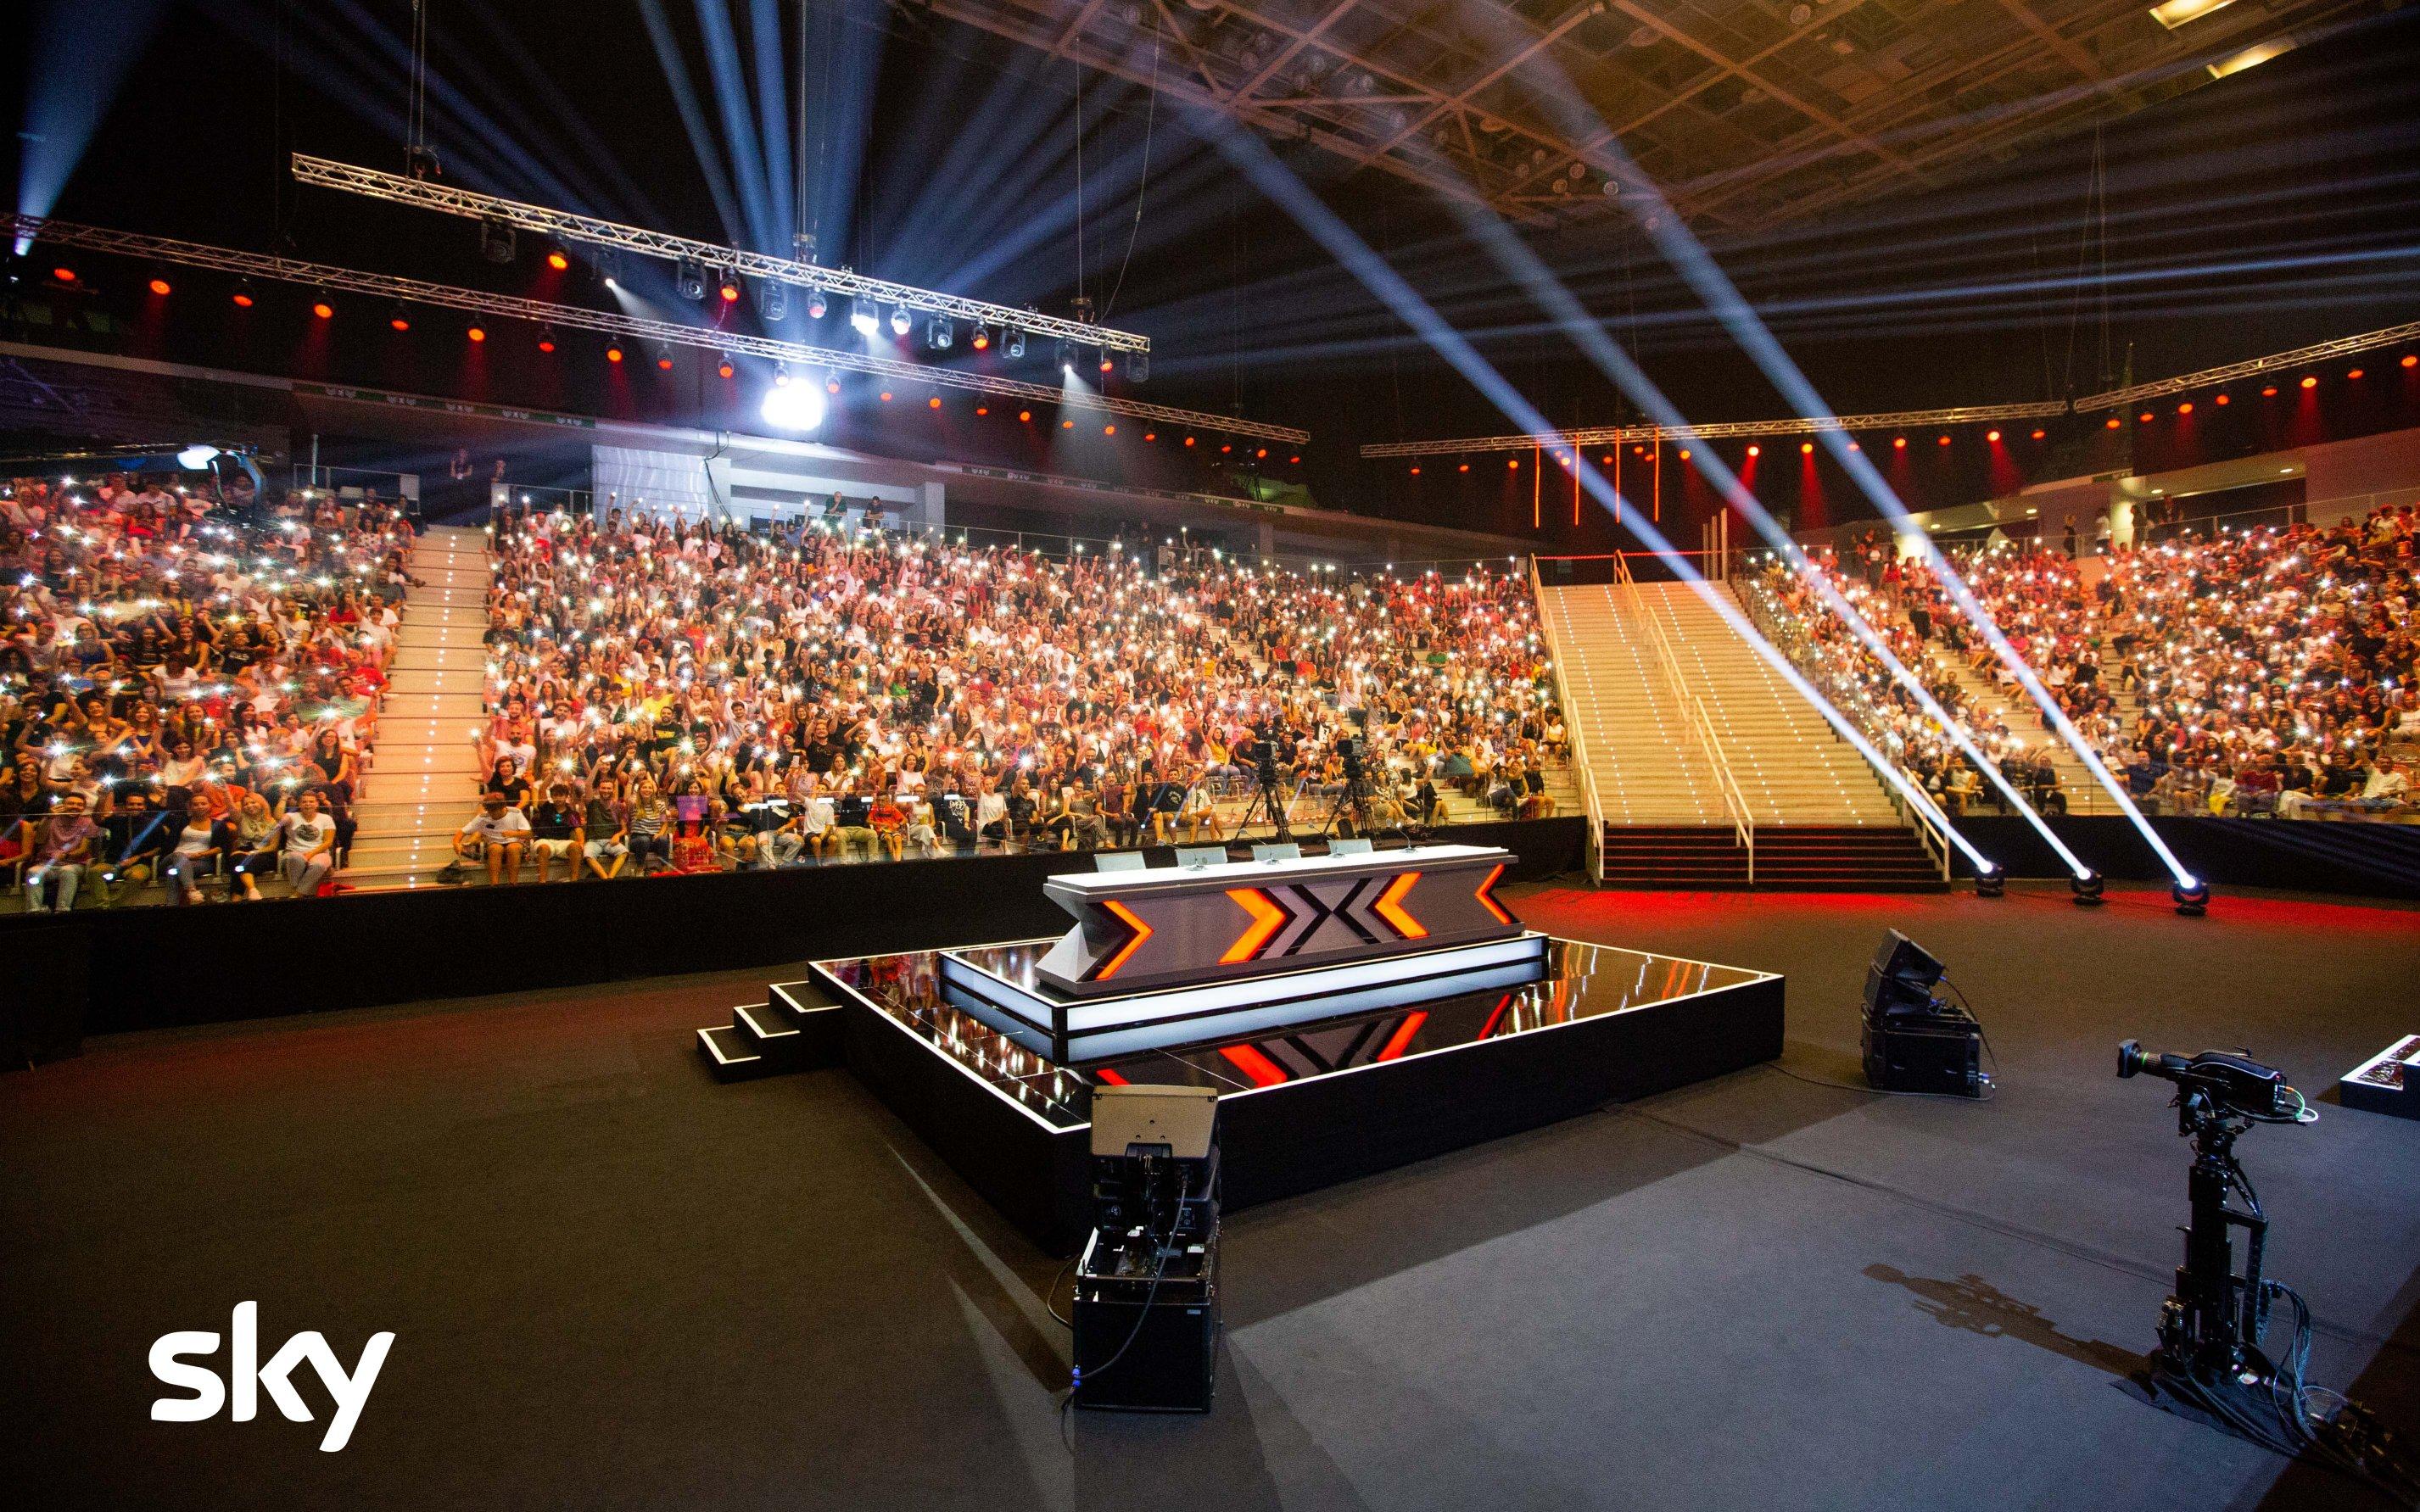 Debutta #XF13 su Sky Uno con 1 milione e 33 mila spettatori medi